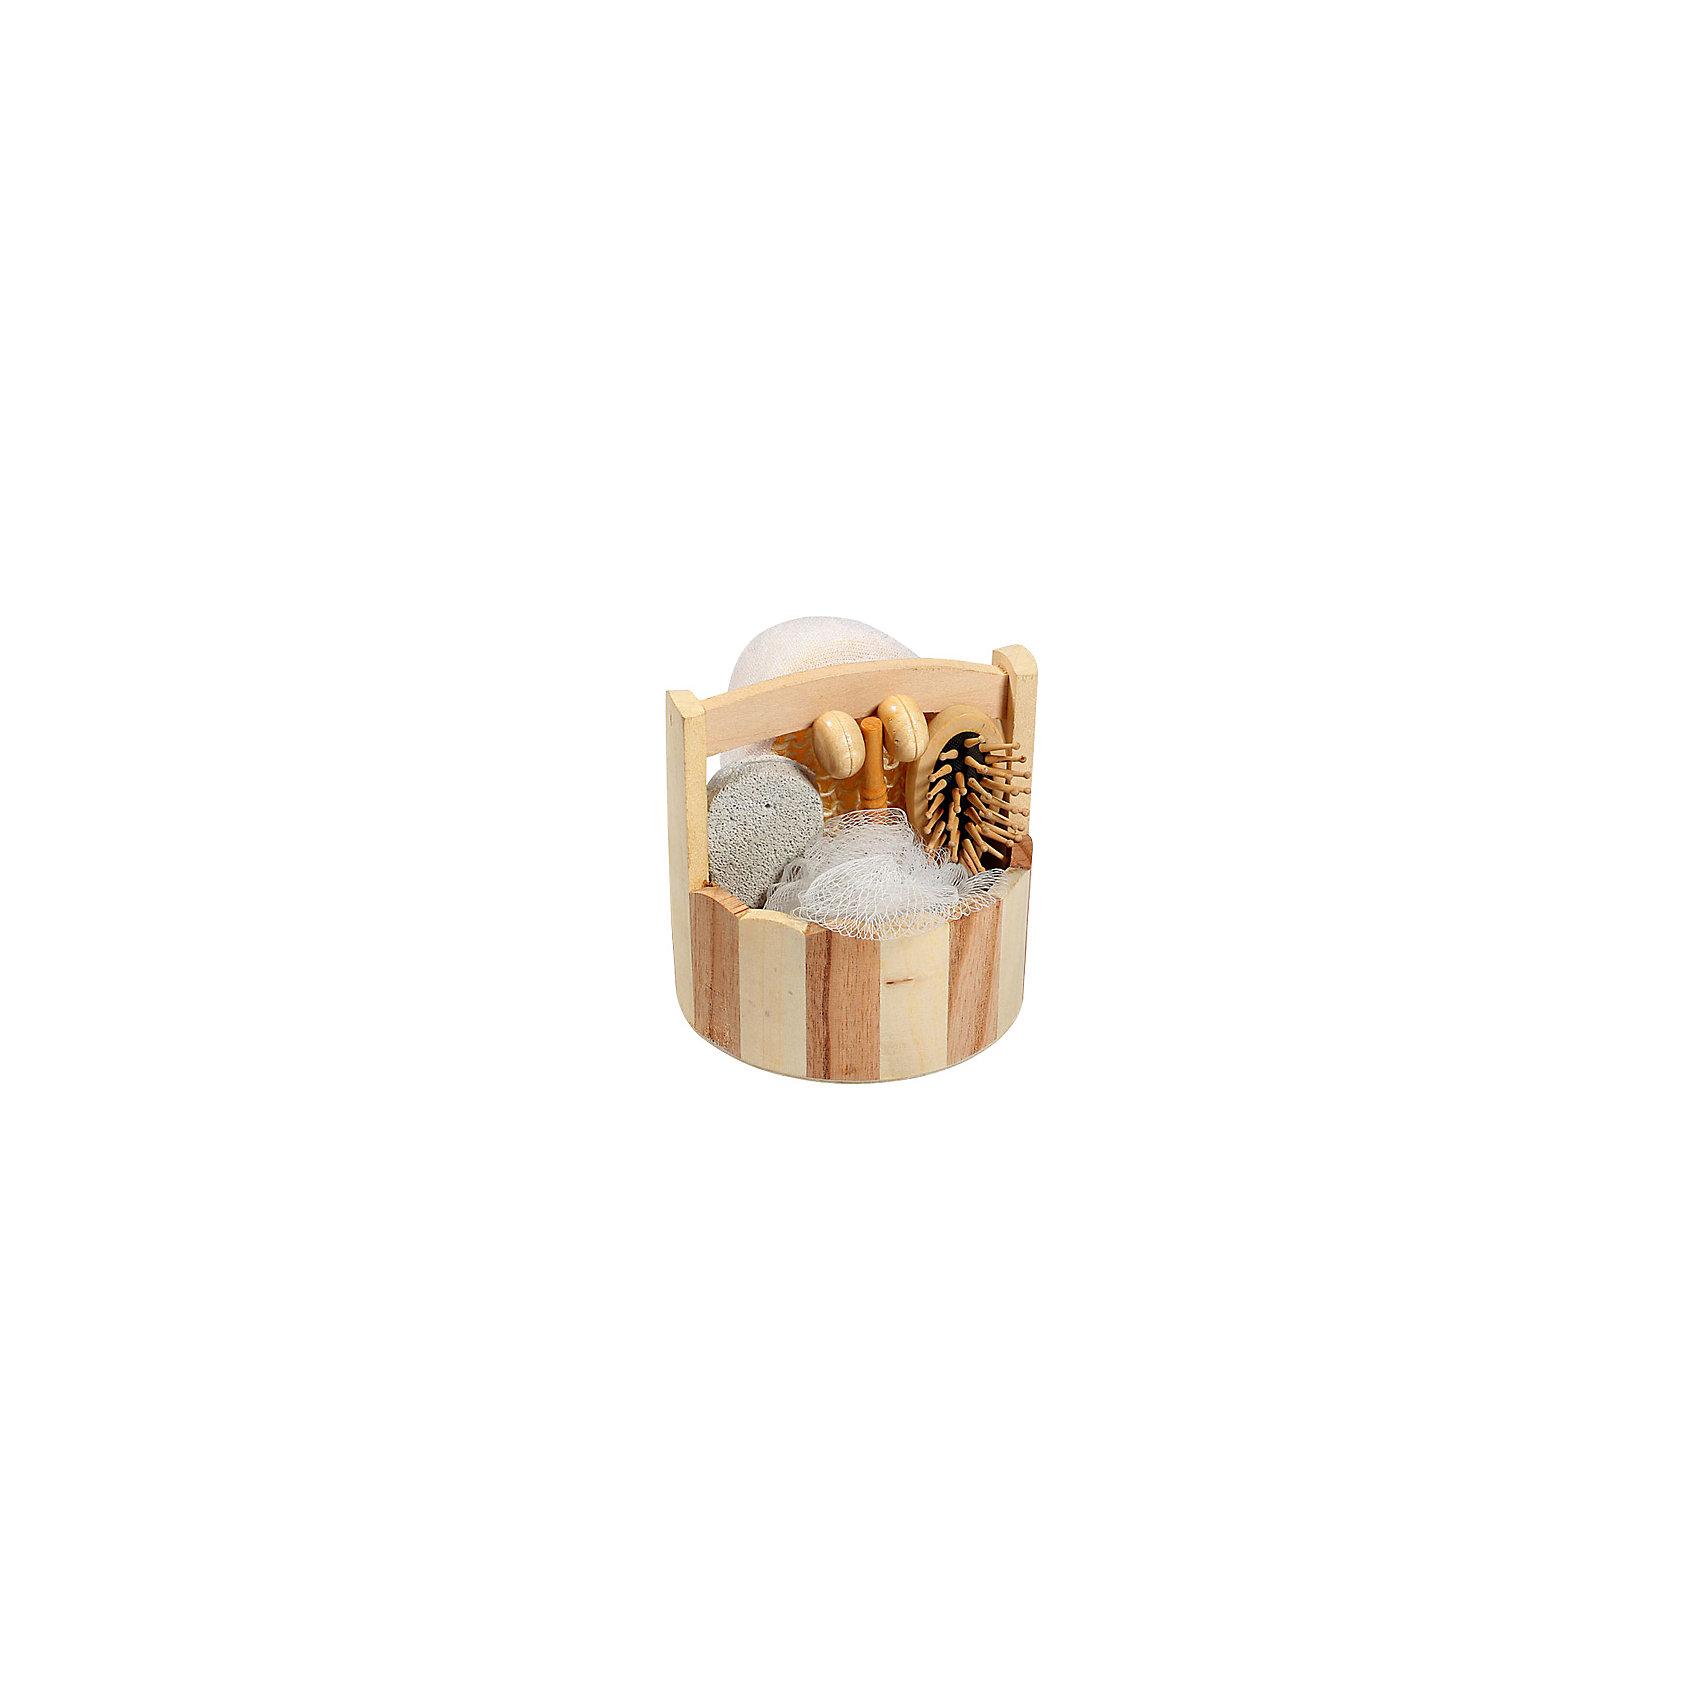 Феникс-Презент Набор для ванной и бани Австрийская сауна (5 предметов)